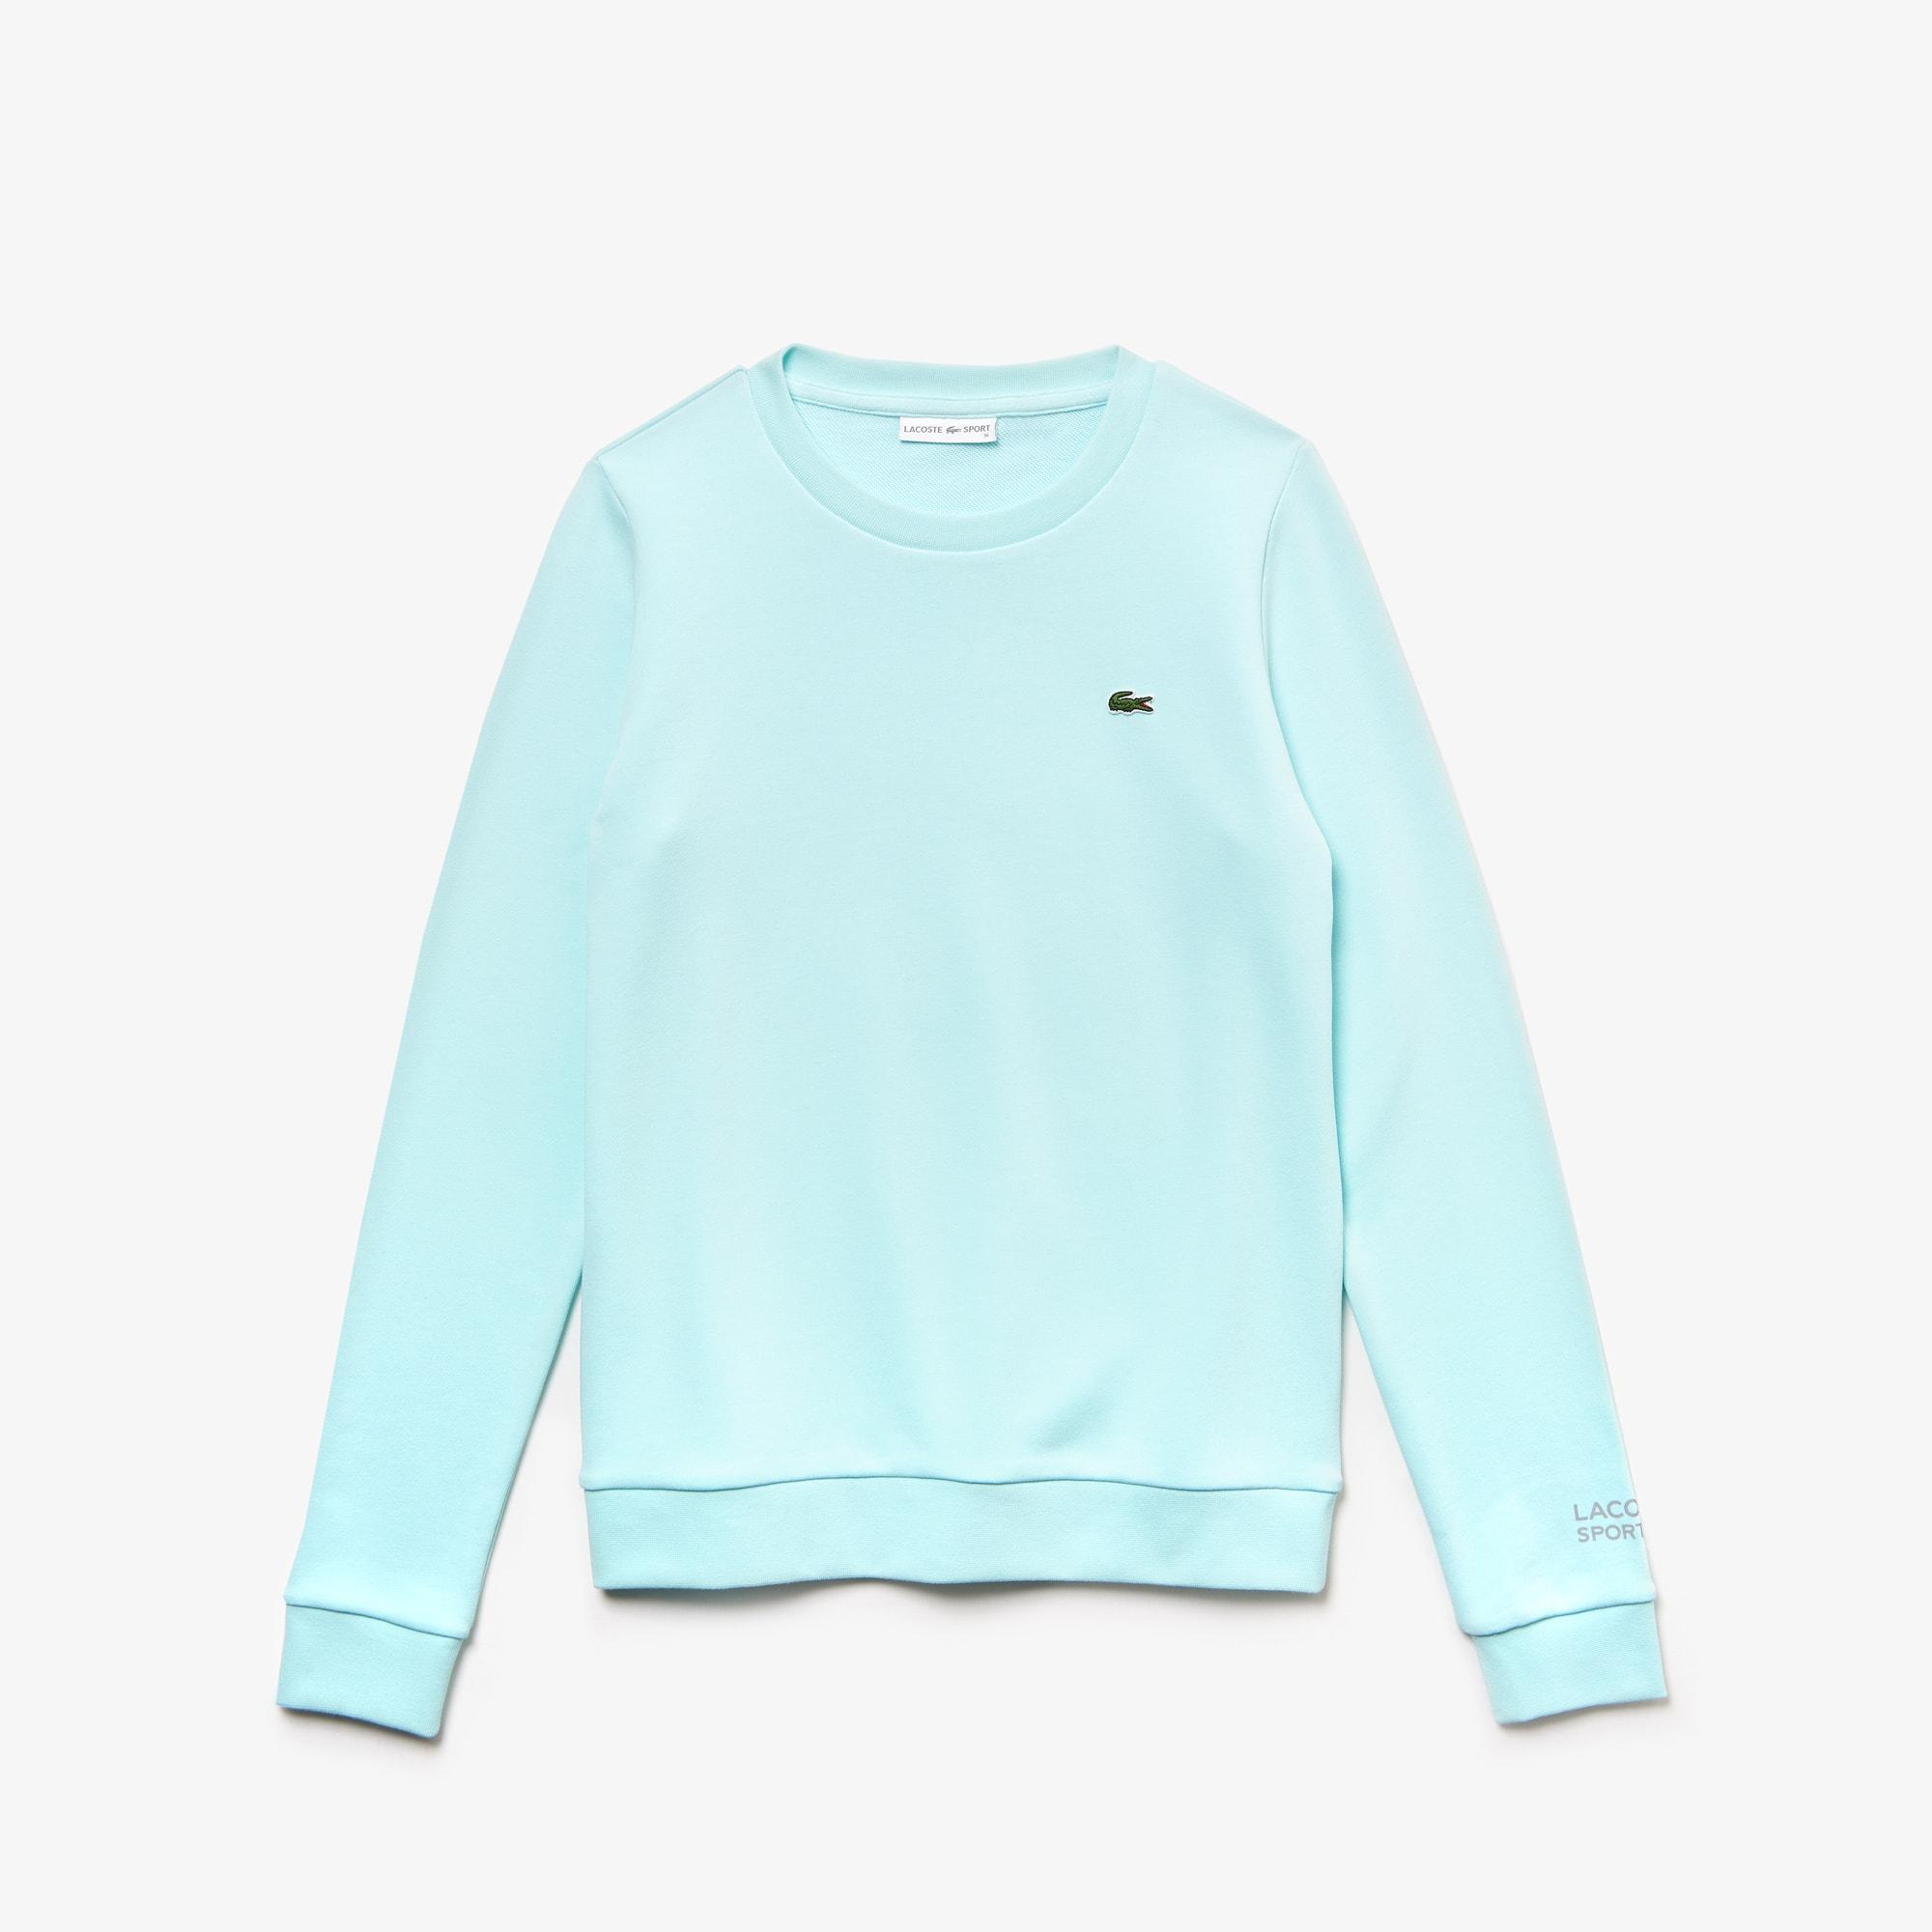 라코스테 테니스 후리스 스웻셔츠 Lacoste Womens SPORT Tennis Cotton Fleece Sweatshirt,light blue